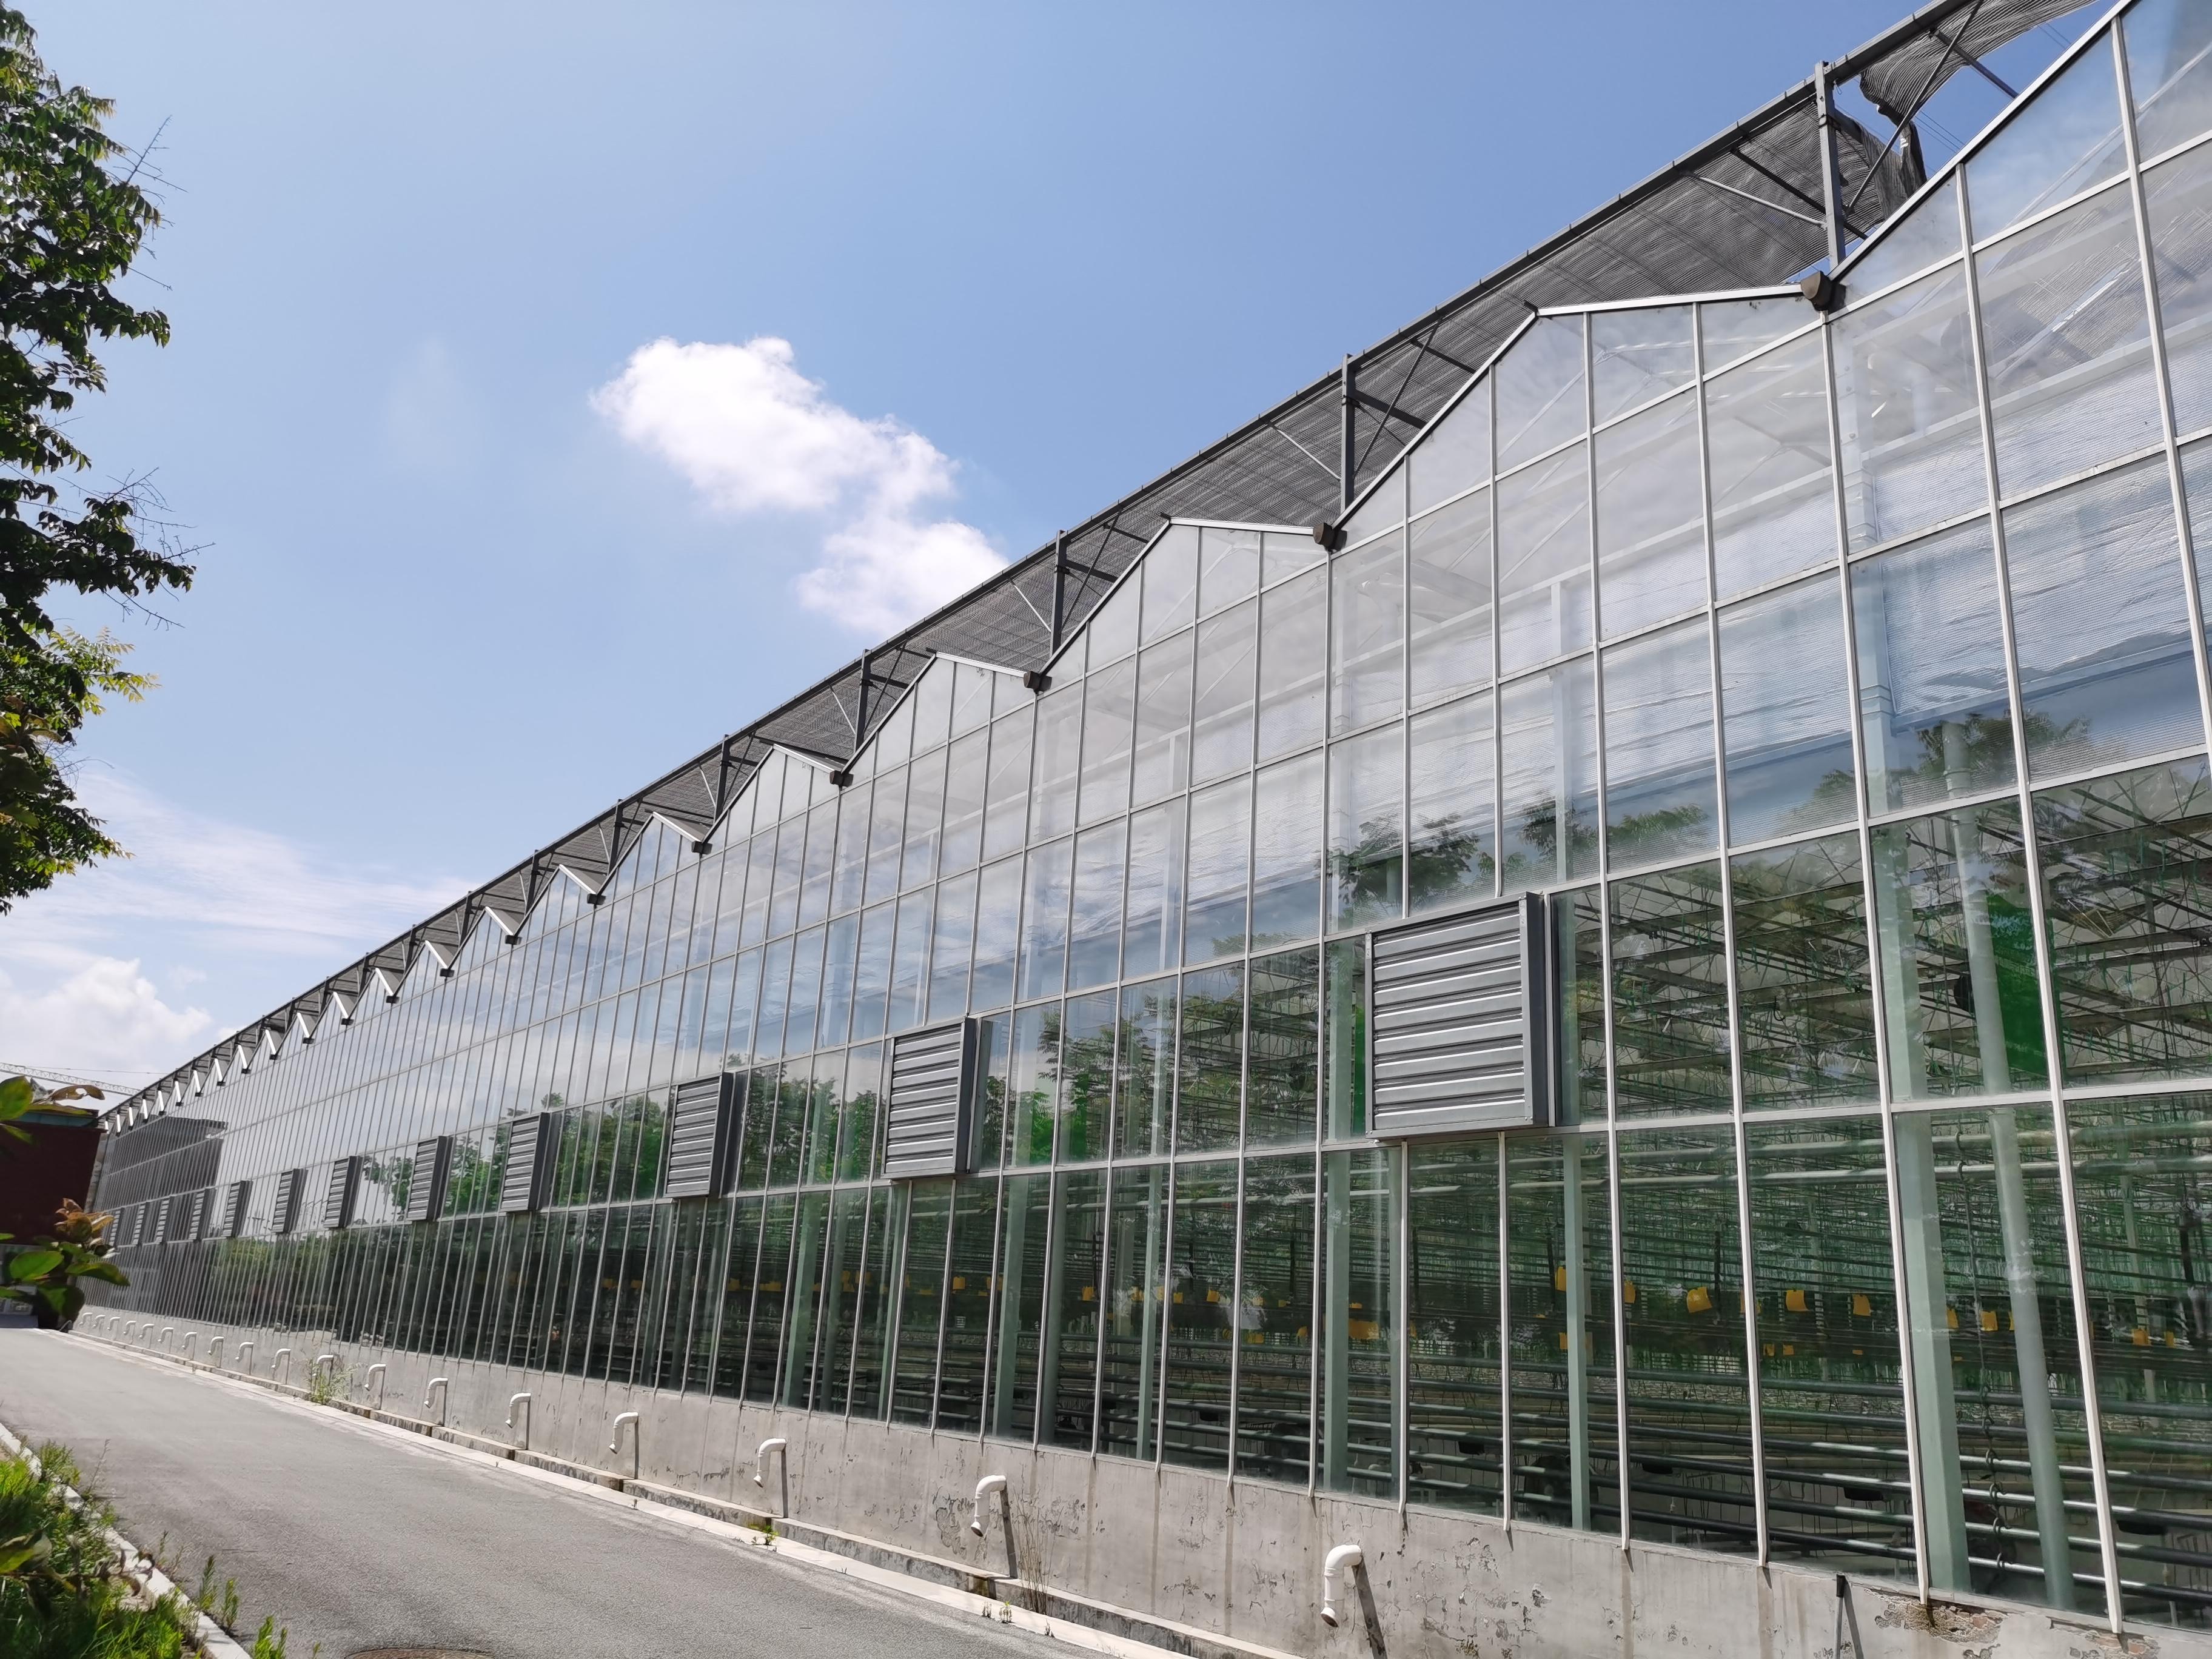 什么是全玻璃连栋温室大棚?全玻璃温室大棚顶部玻璃安装方式